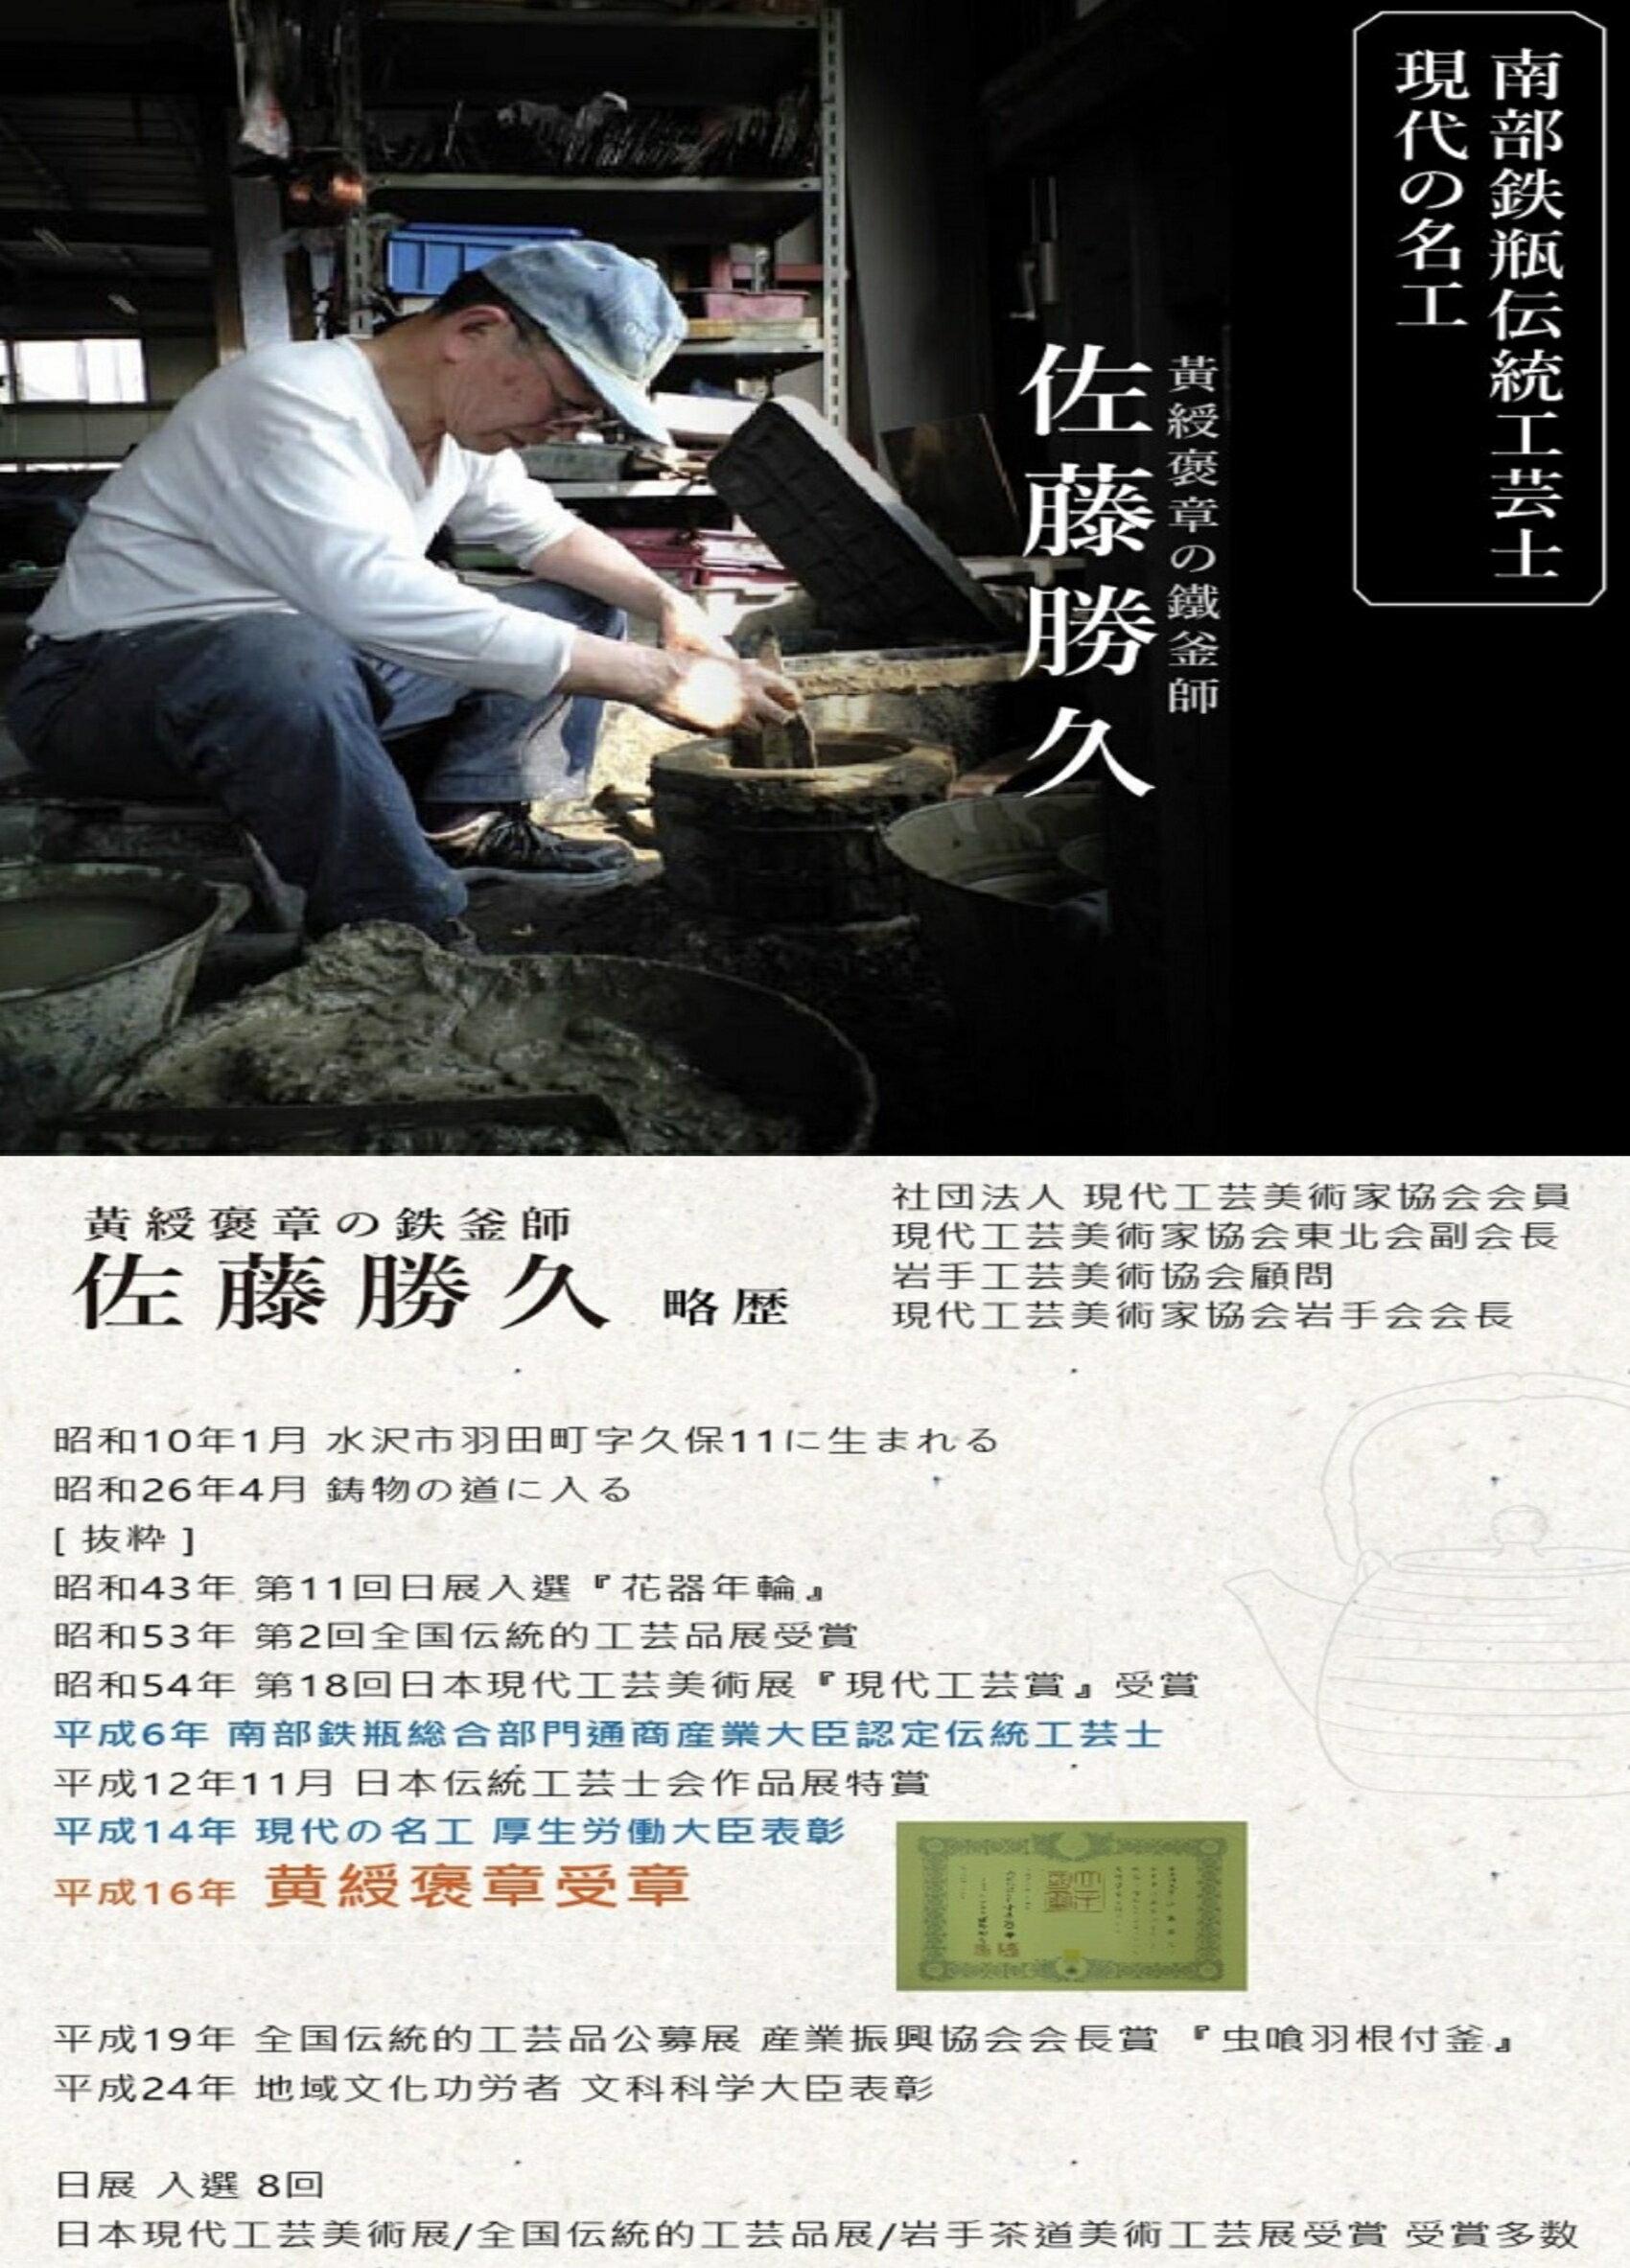 日本 本場南部鐵器-【佐藤勝久 平丸型 霰 1.5L】鐵壺 鉄瓶 煮水 泡茶 只有1個 9